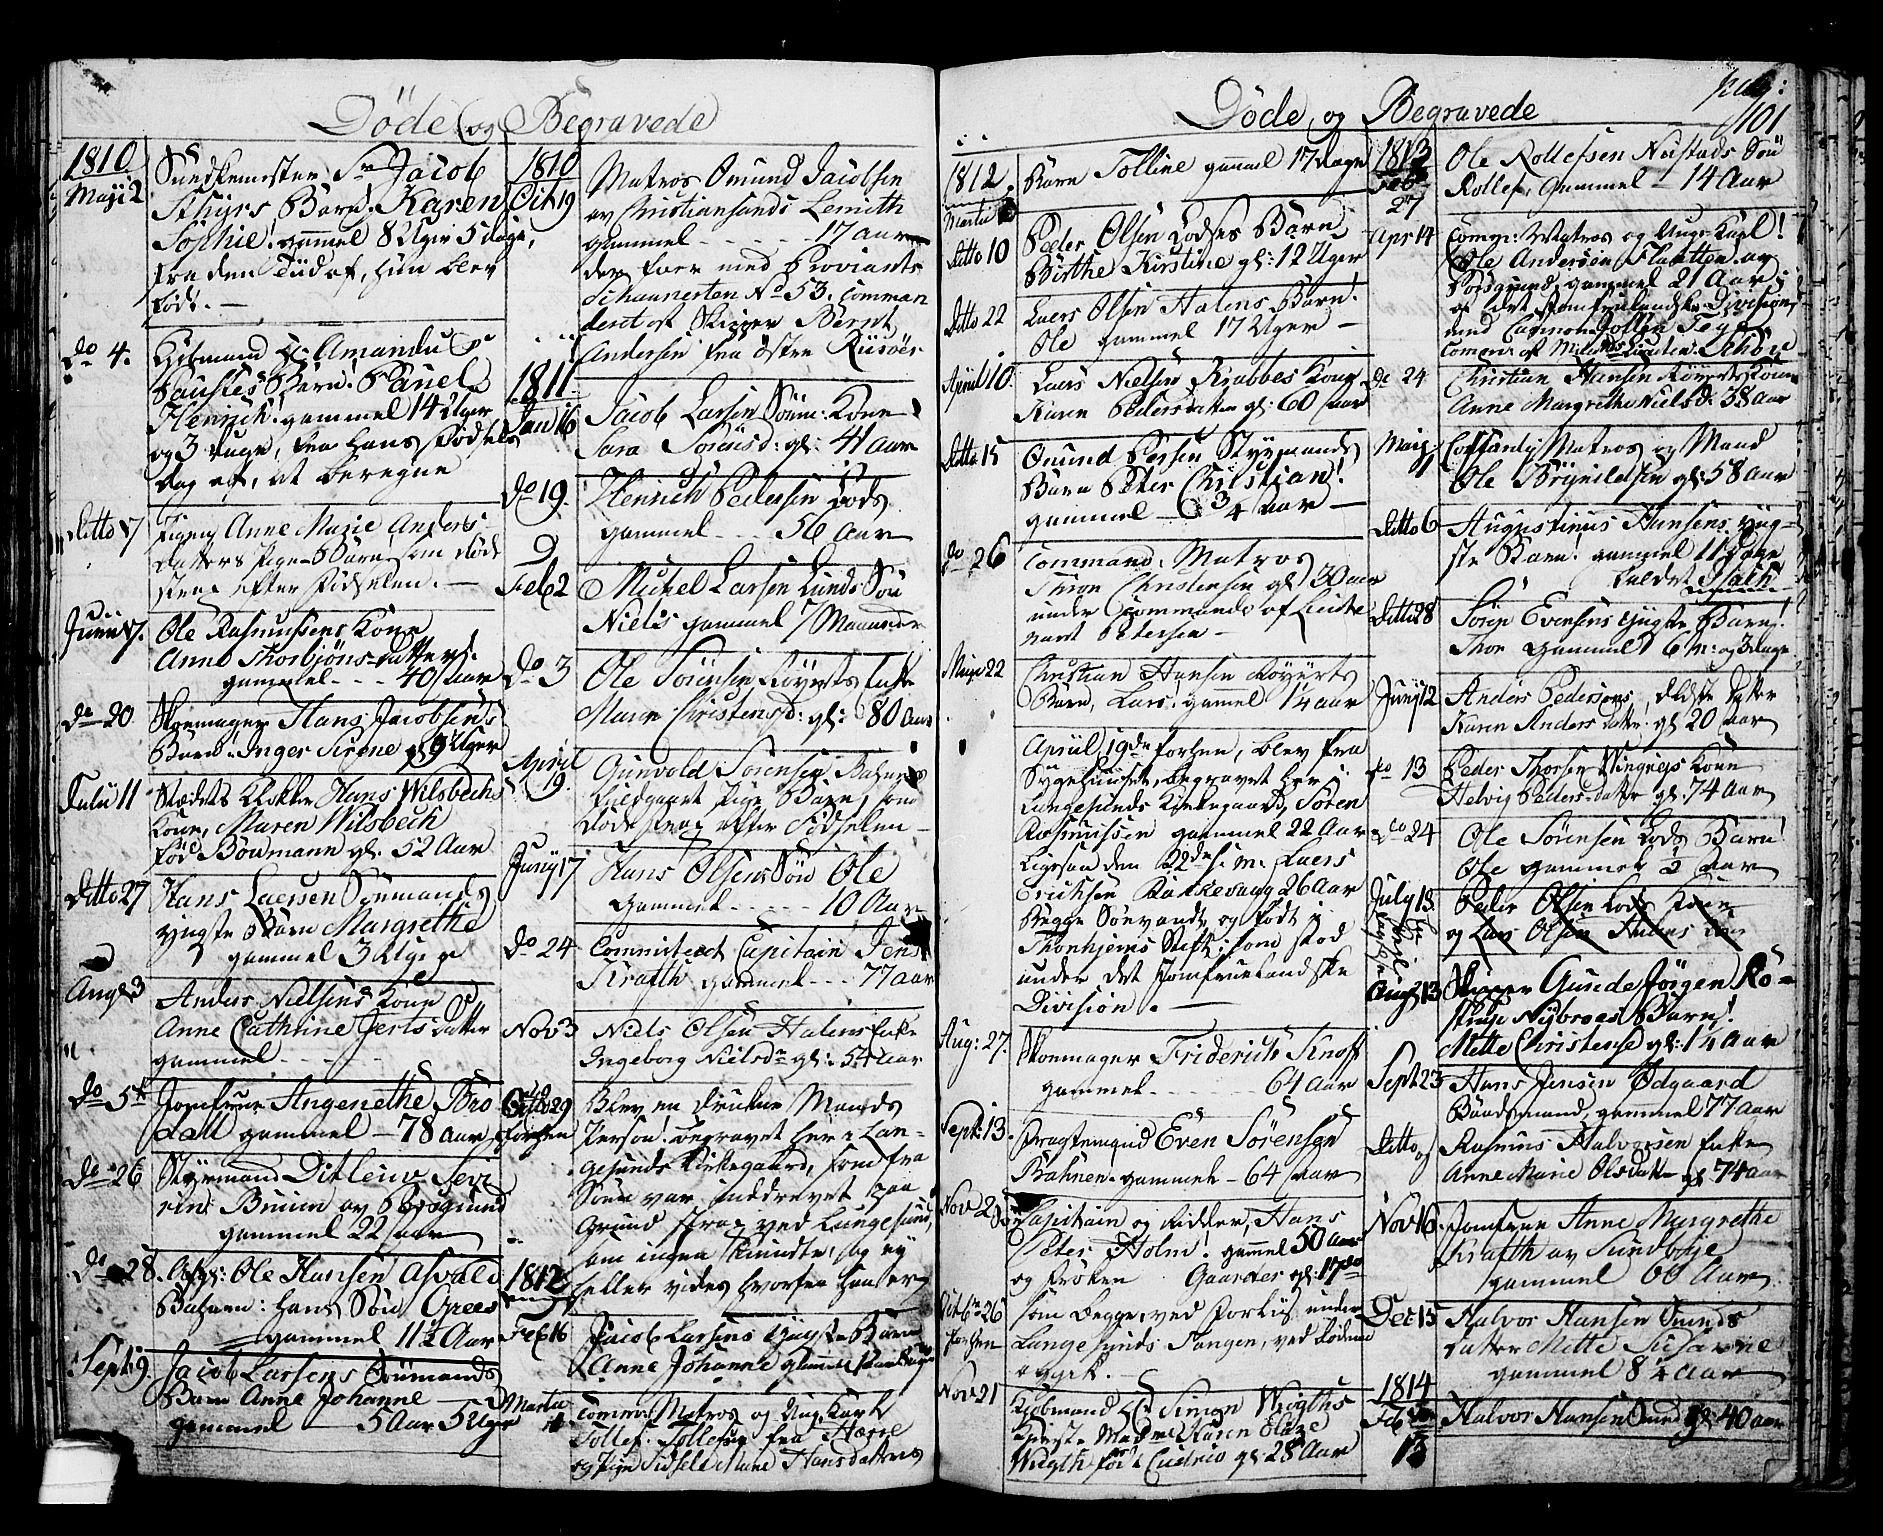 SAKO, Langesund kirkebøker, G/Ga/L0002: Klokkerbok nr. 2, 1801-1815, s. 101